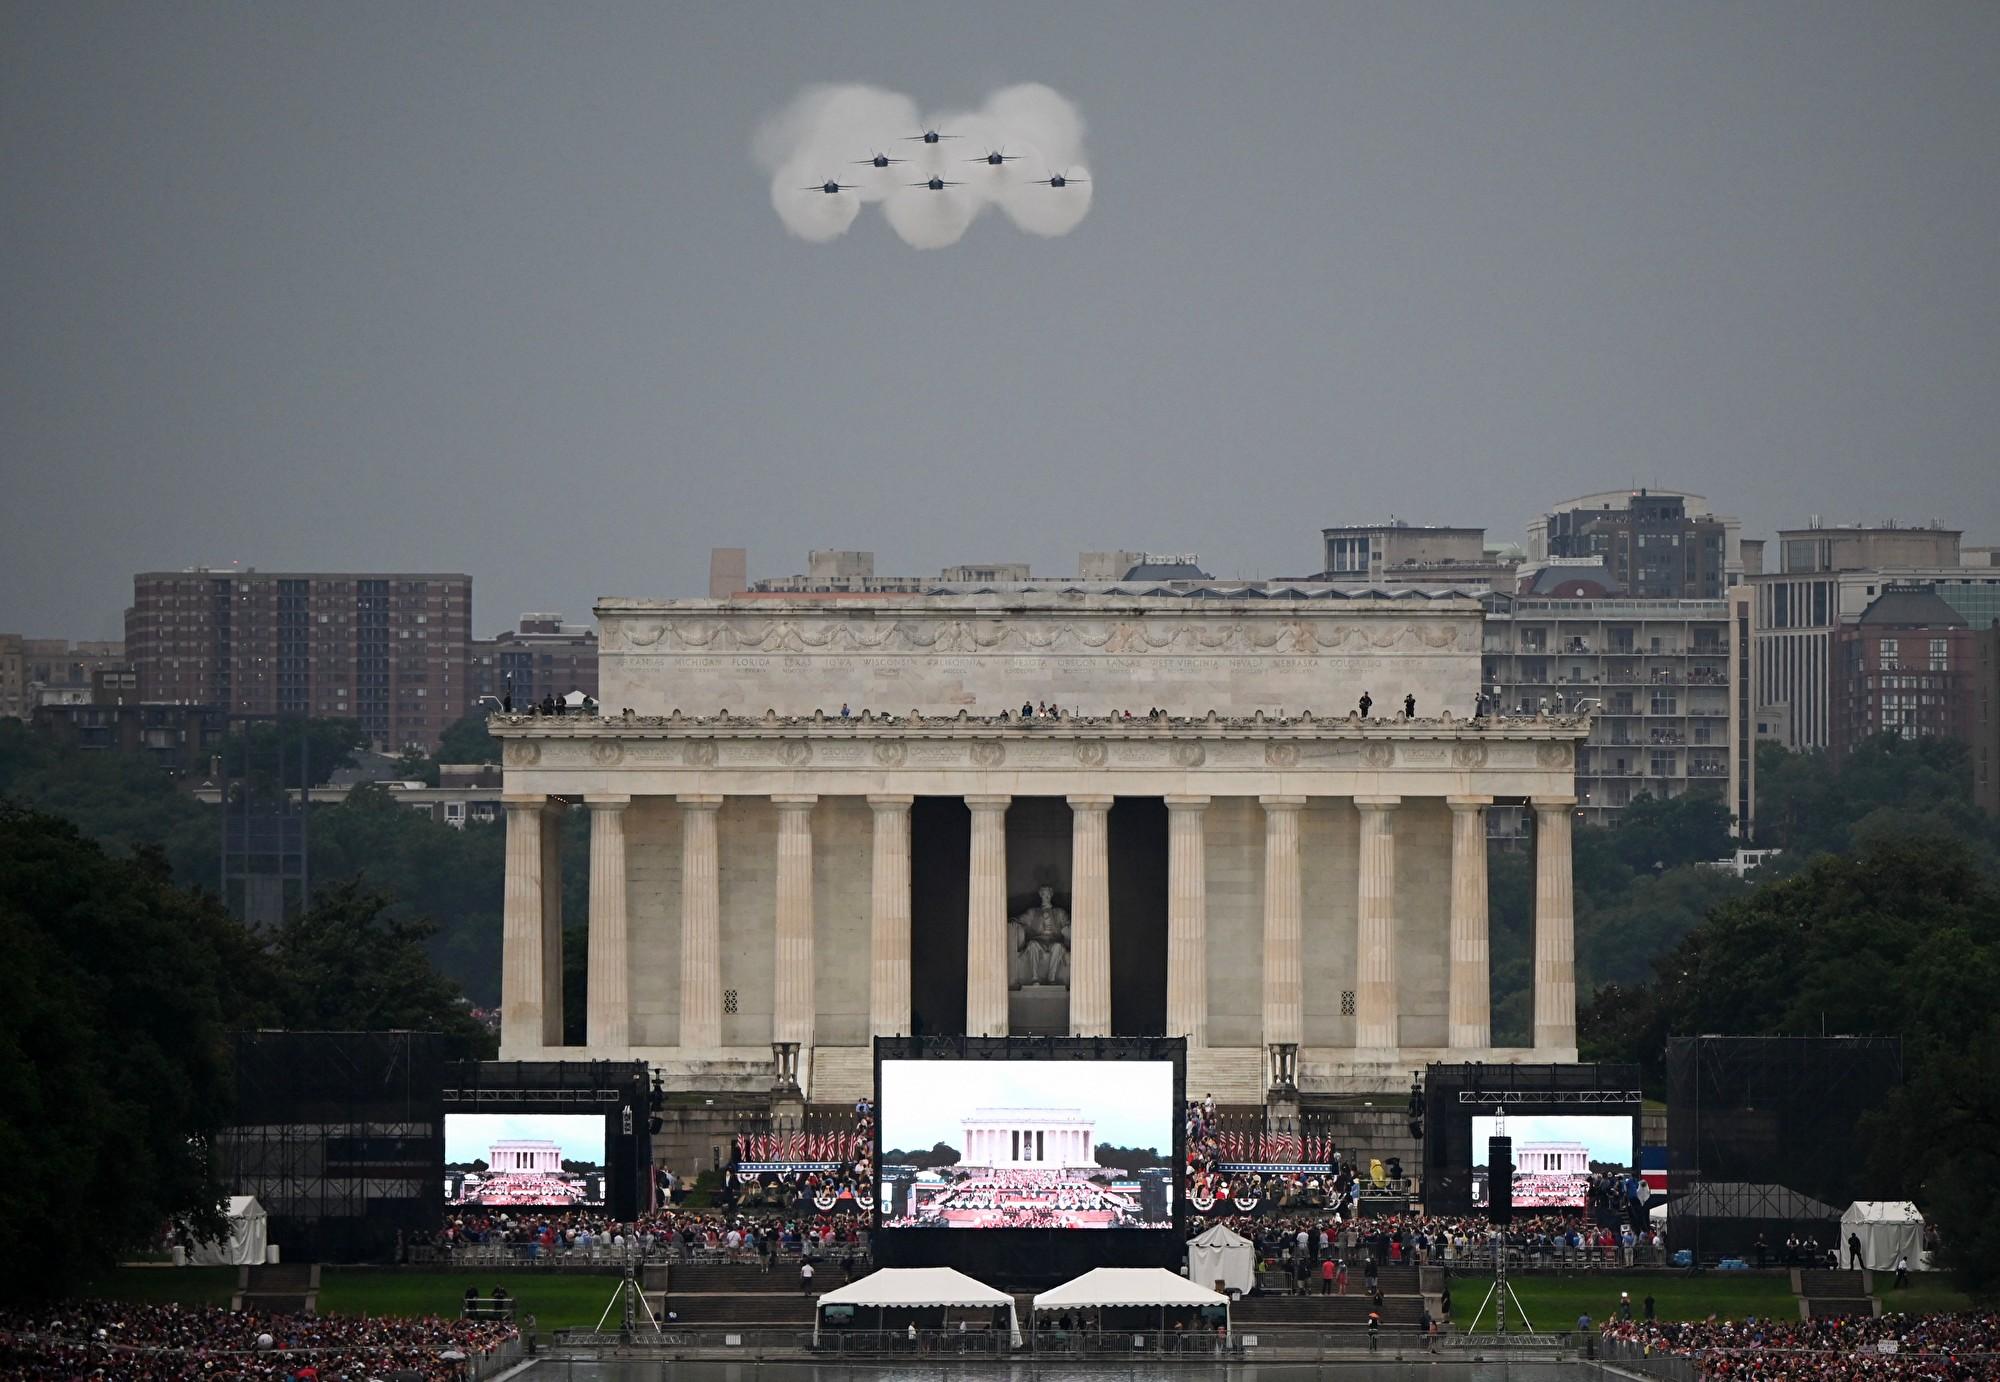 2019年7月4日,美國總統特朗普在華盛頓特區林肯紀念堂舉行「向美國致敬」國慶慶祝活動,人們聚集在國家廣場上,藍天使的6架F-18戰機飛過頭頂。(ANDREW CABALLERO-REYNOLDS/AFP/Getty Images)